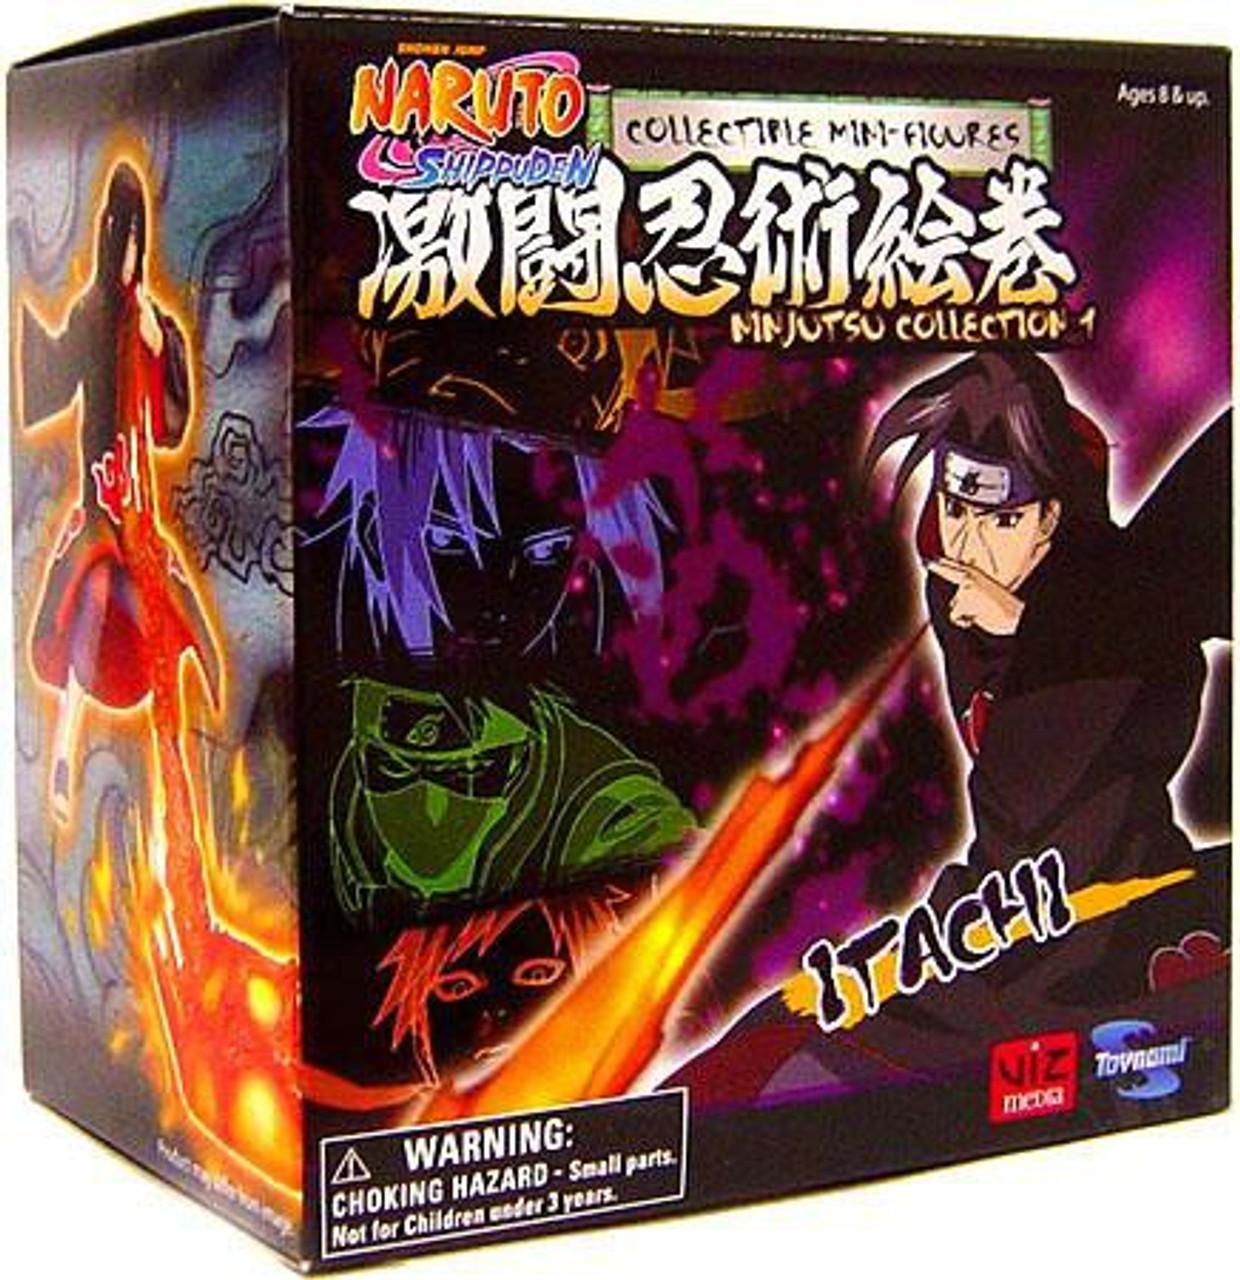 Naruto Shippuden Ninjutsu Collection 4-Inch Series 1 Itachi Action Figure